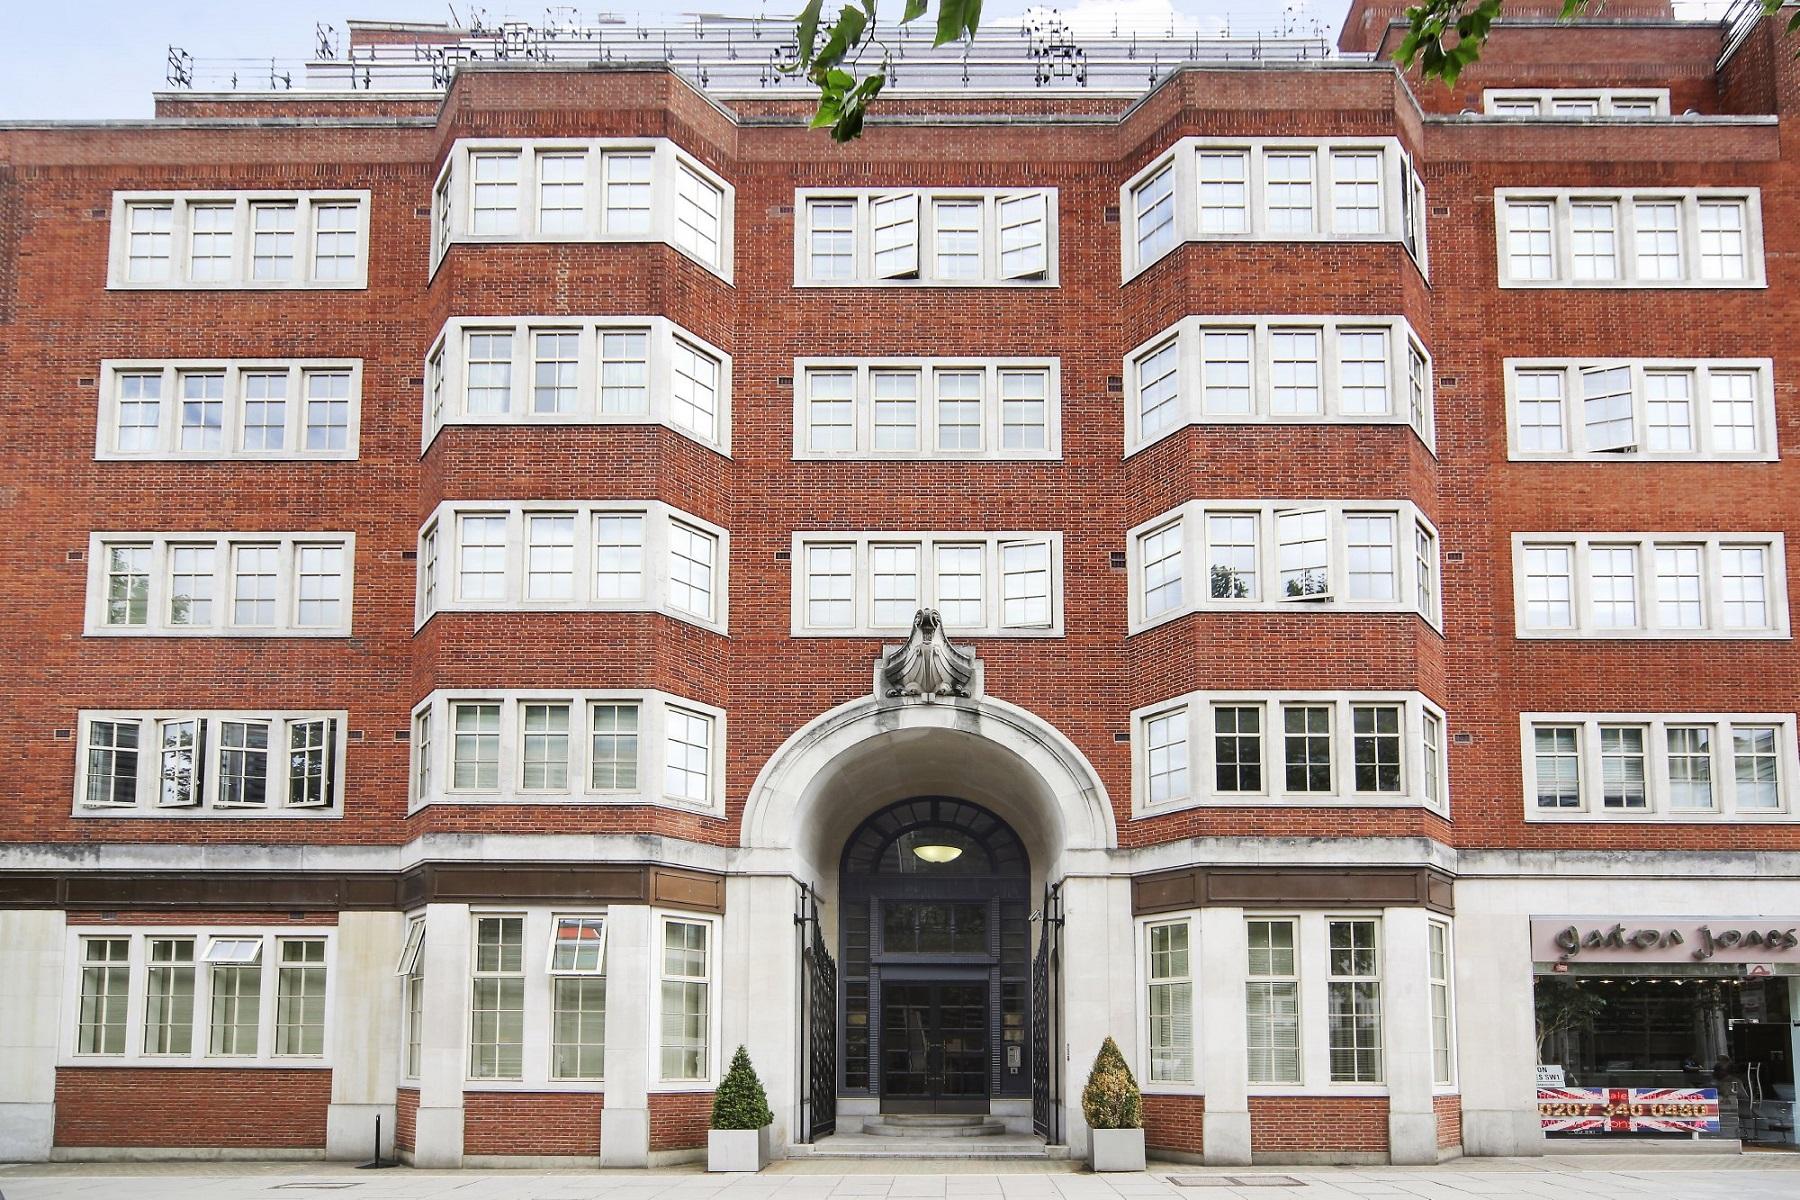 Частный односемейный дом для того Продажа на Marsham Street London, Англия Великобритания